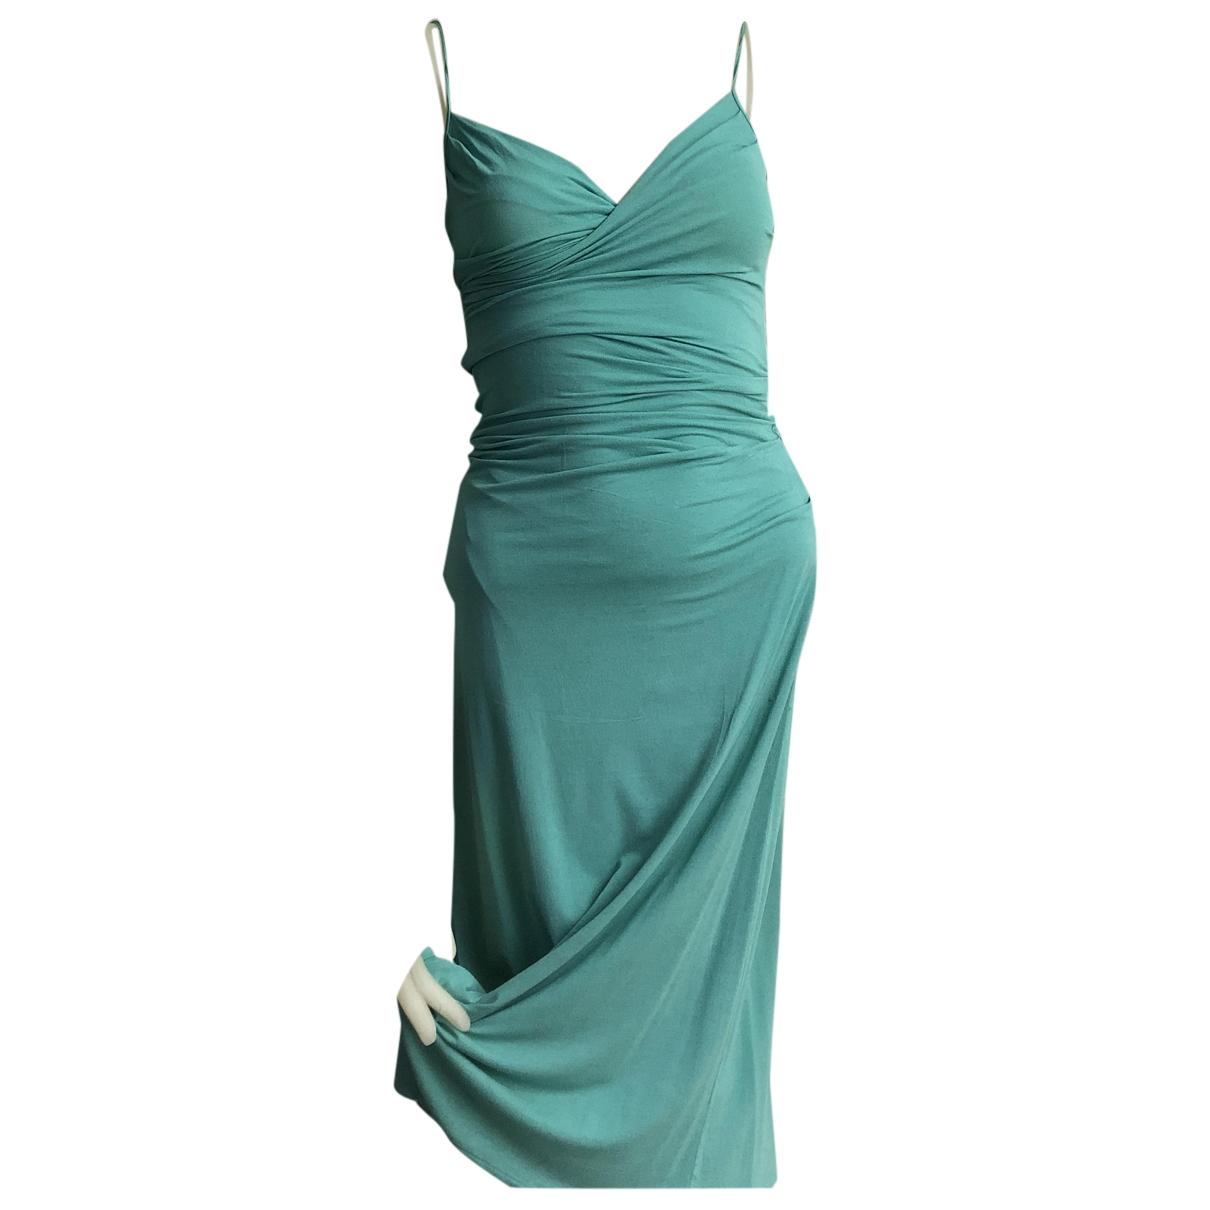 Plein Sud \N Green dress for Women 42 IT